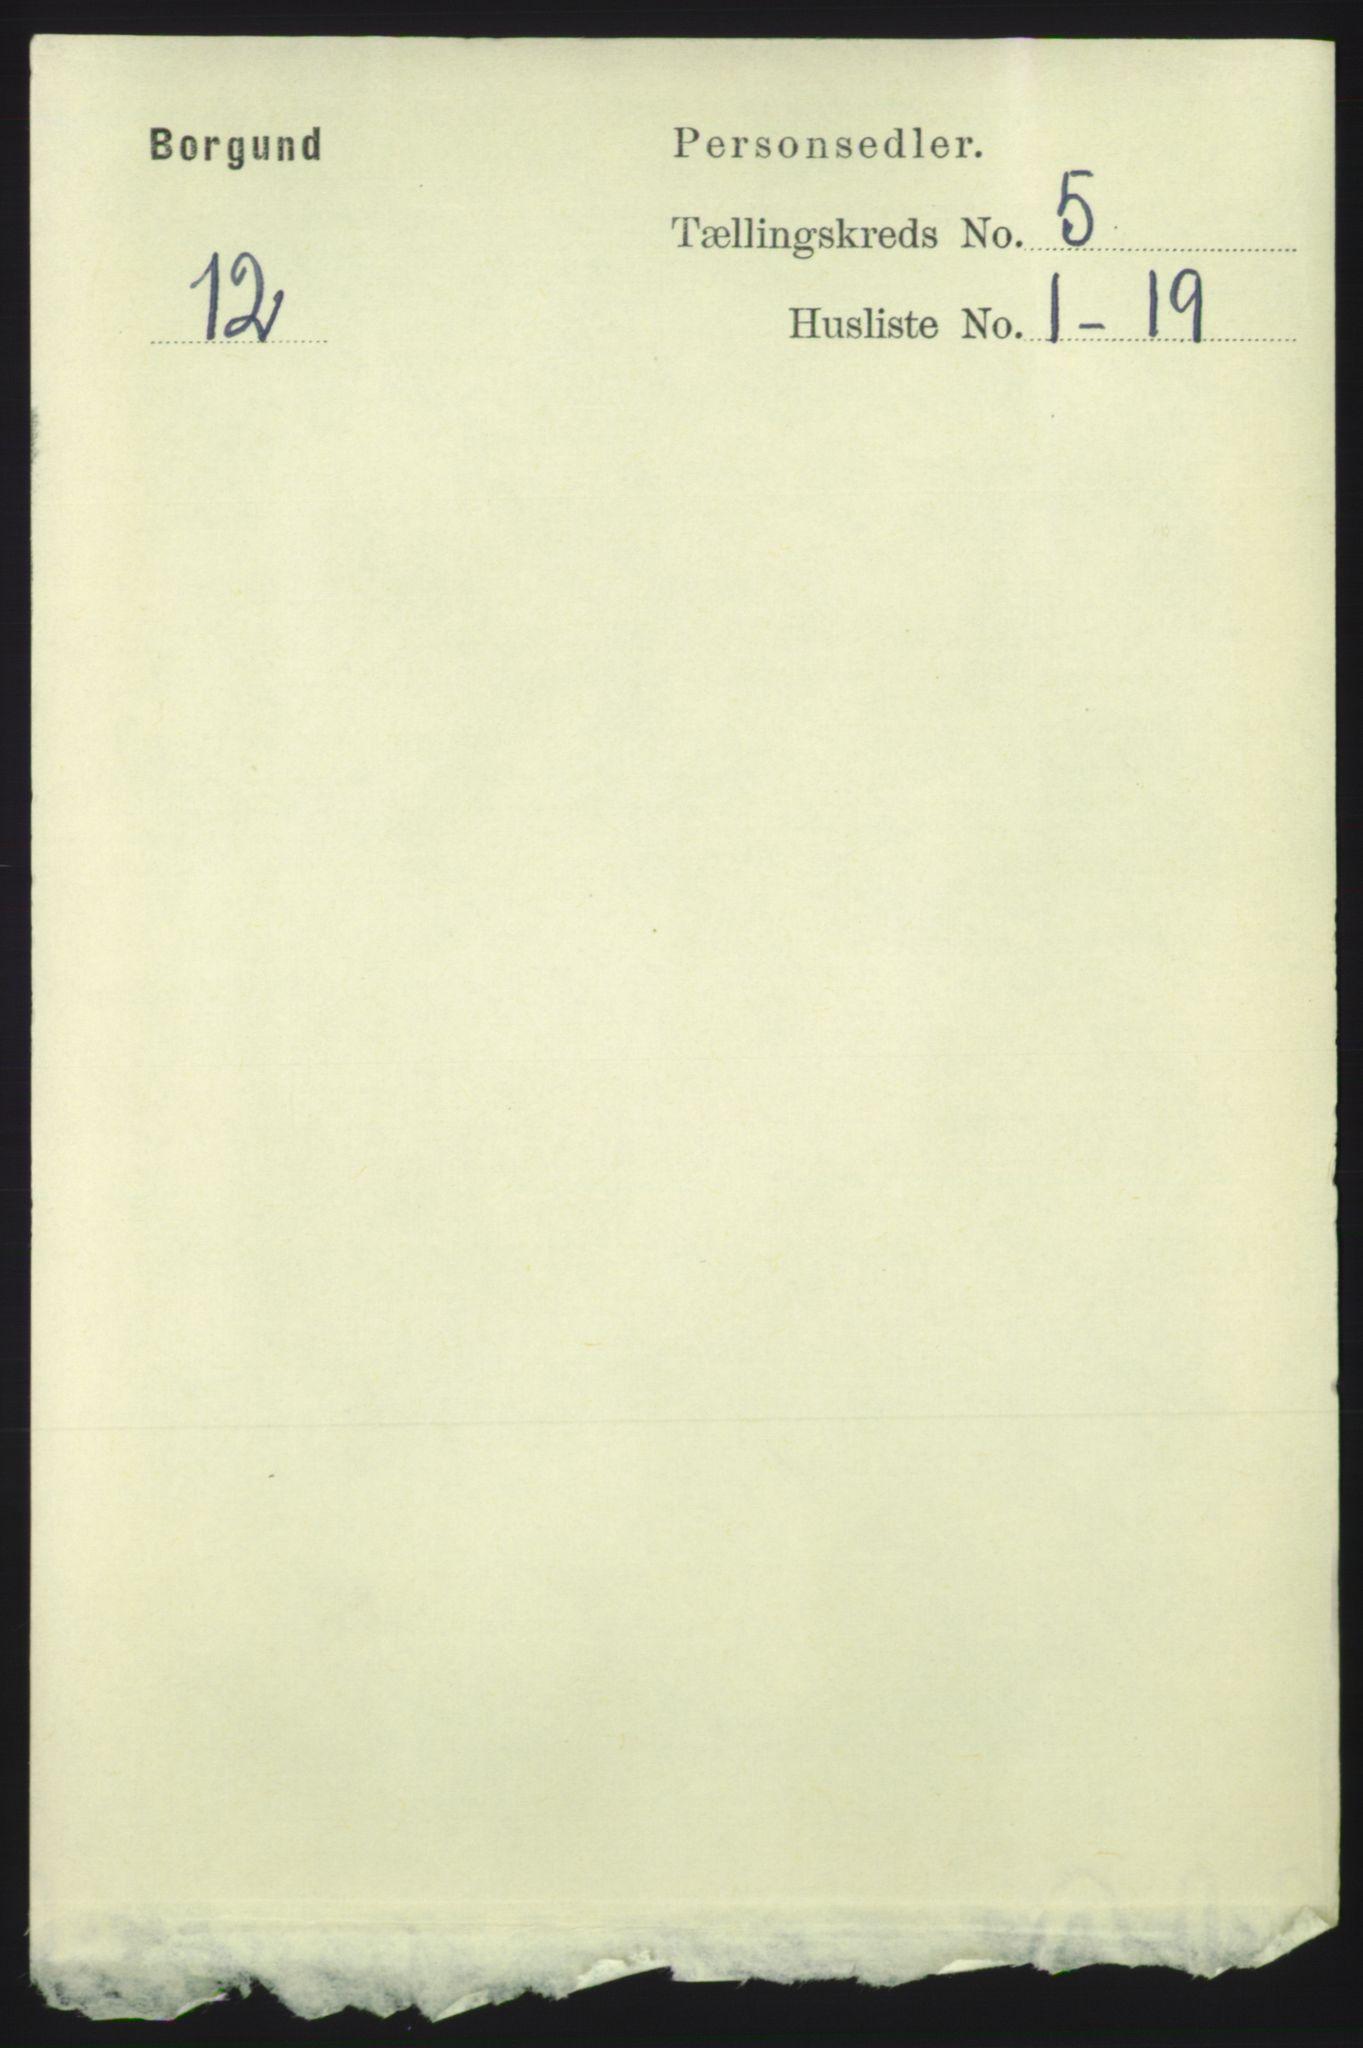 RA, Folketelling 1891 for 1531 Borgund herred, 1891, s. 1264